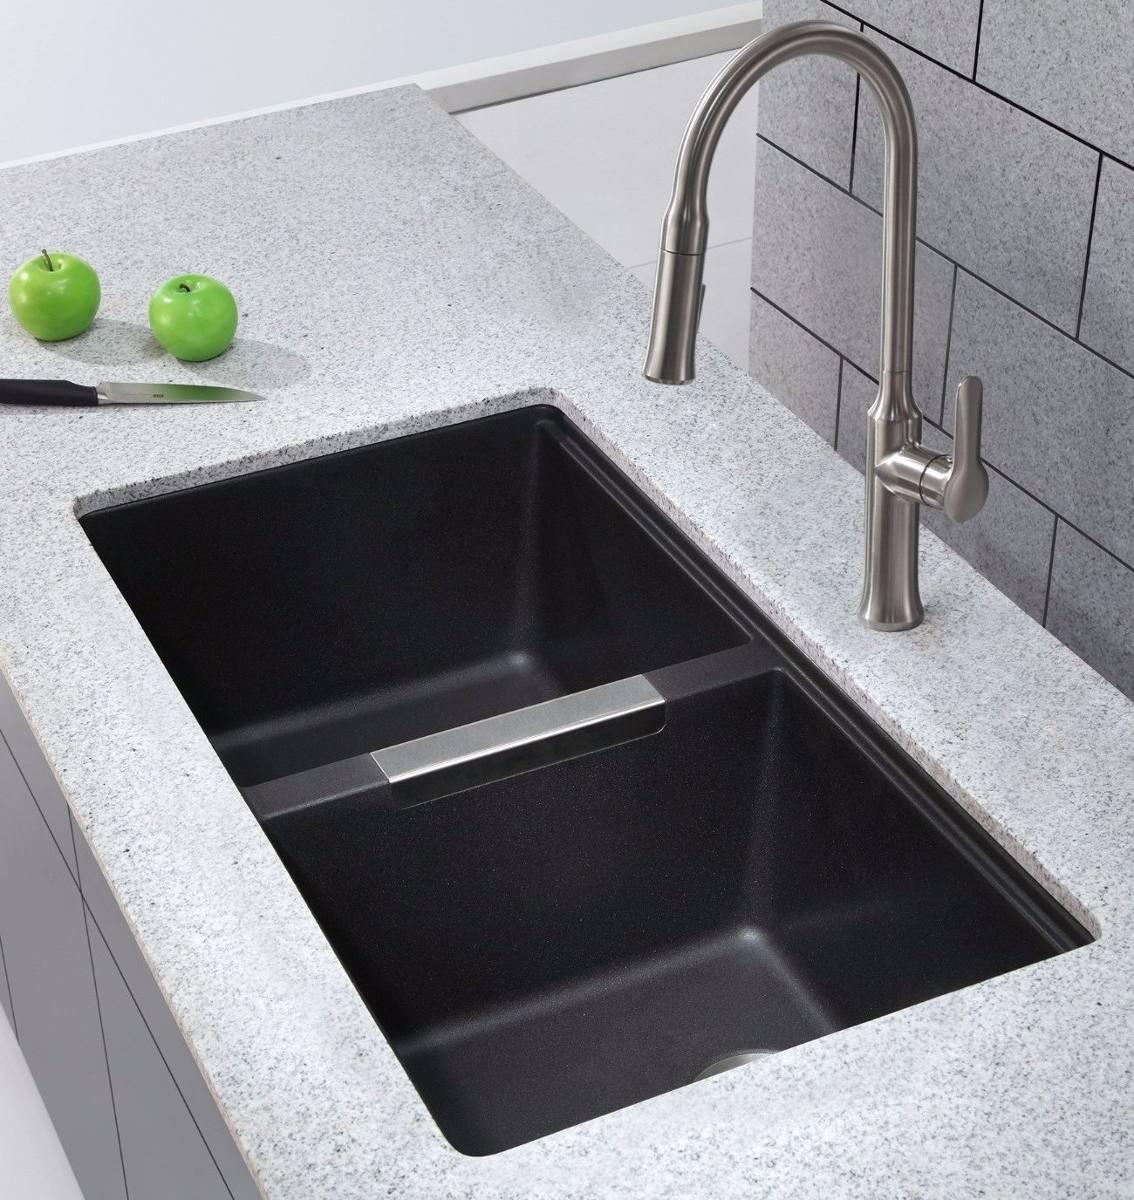 Fregadero negro doble tina tarja cocina moderno de granito 9 en mercado libre - Fregadero de granito ...